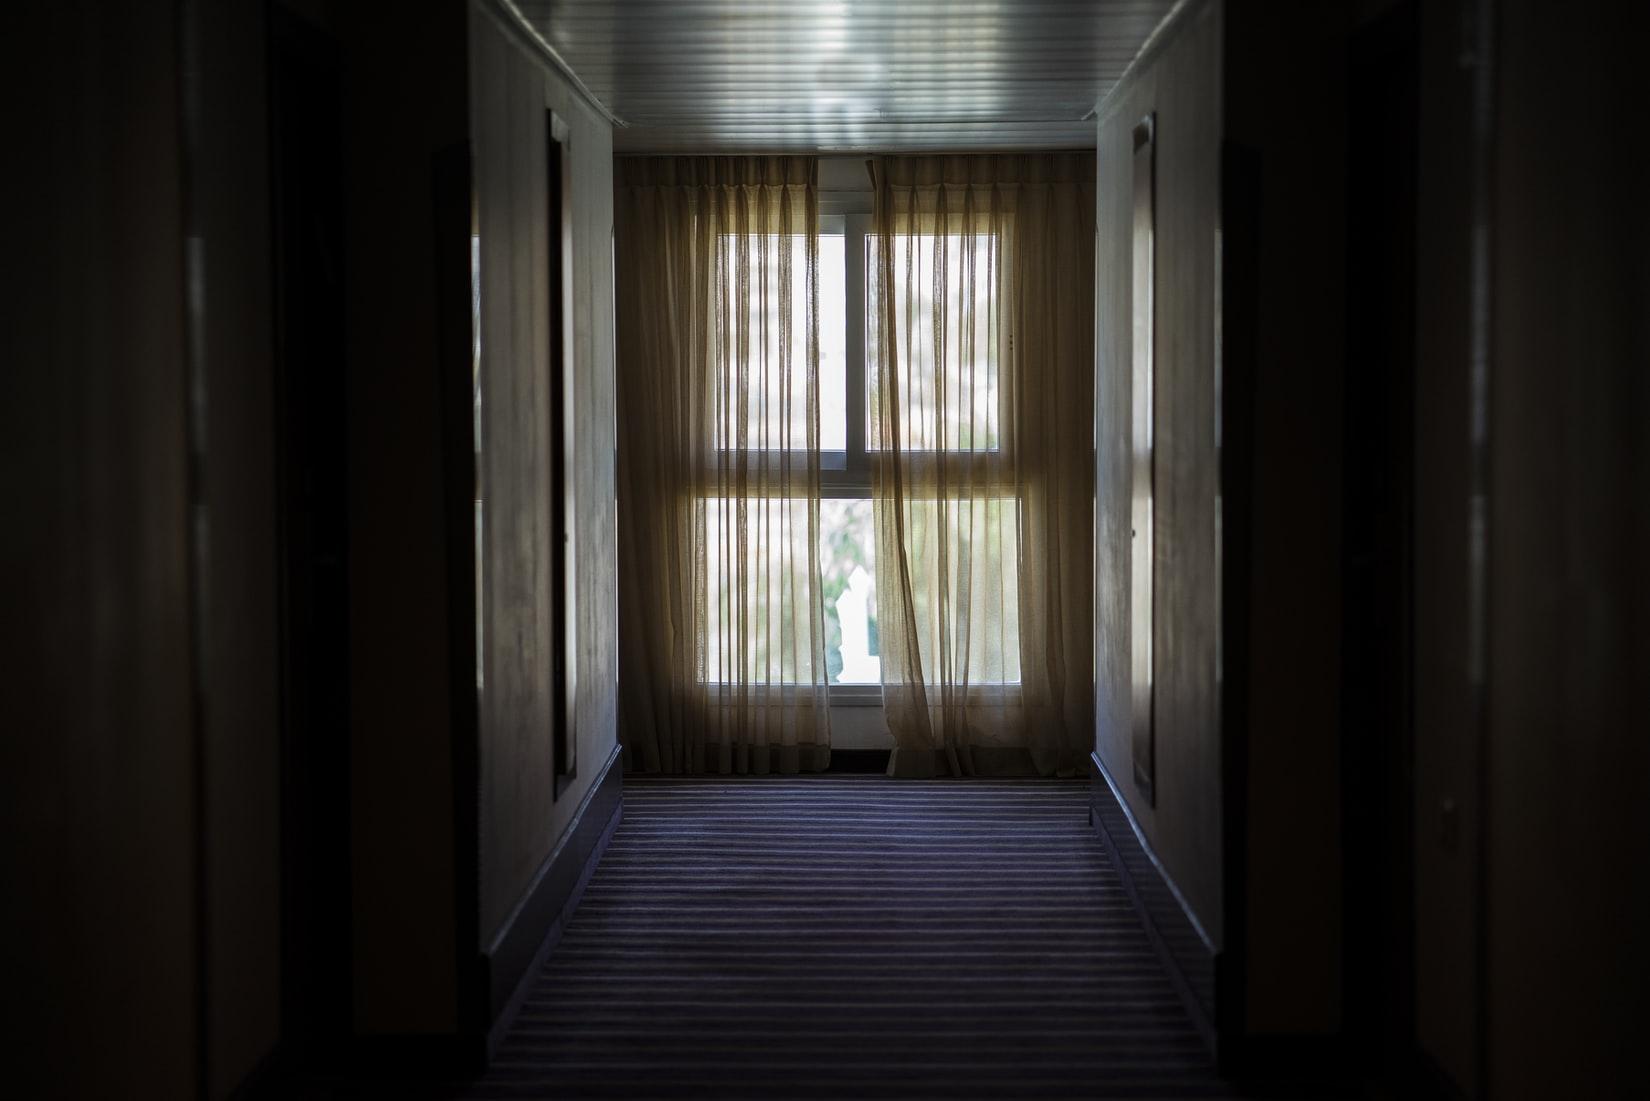 curtain hallway